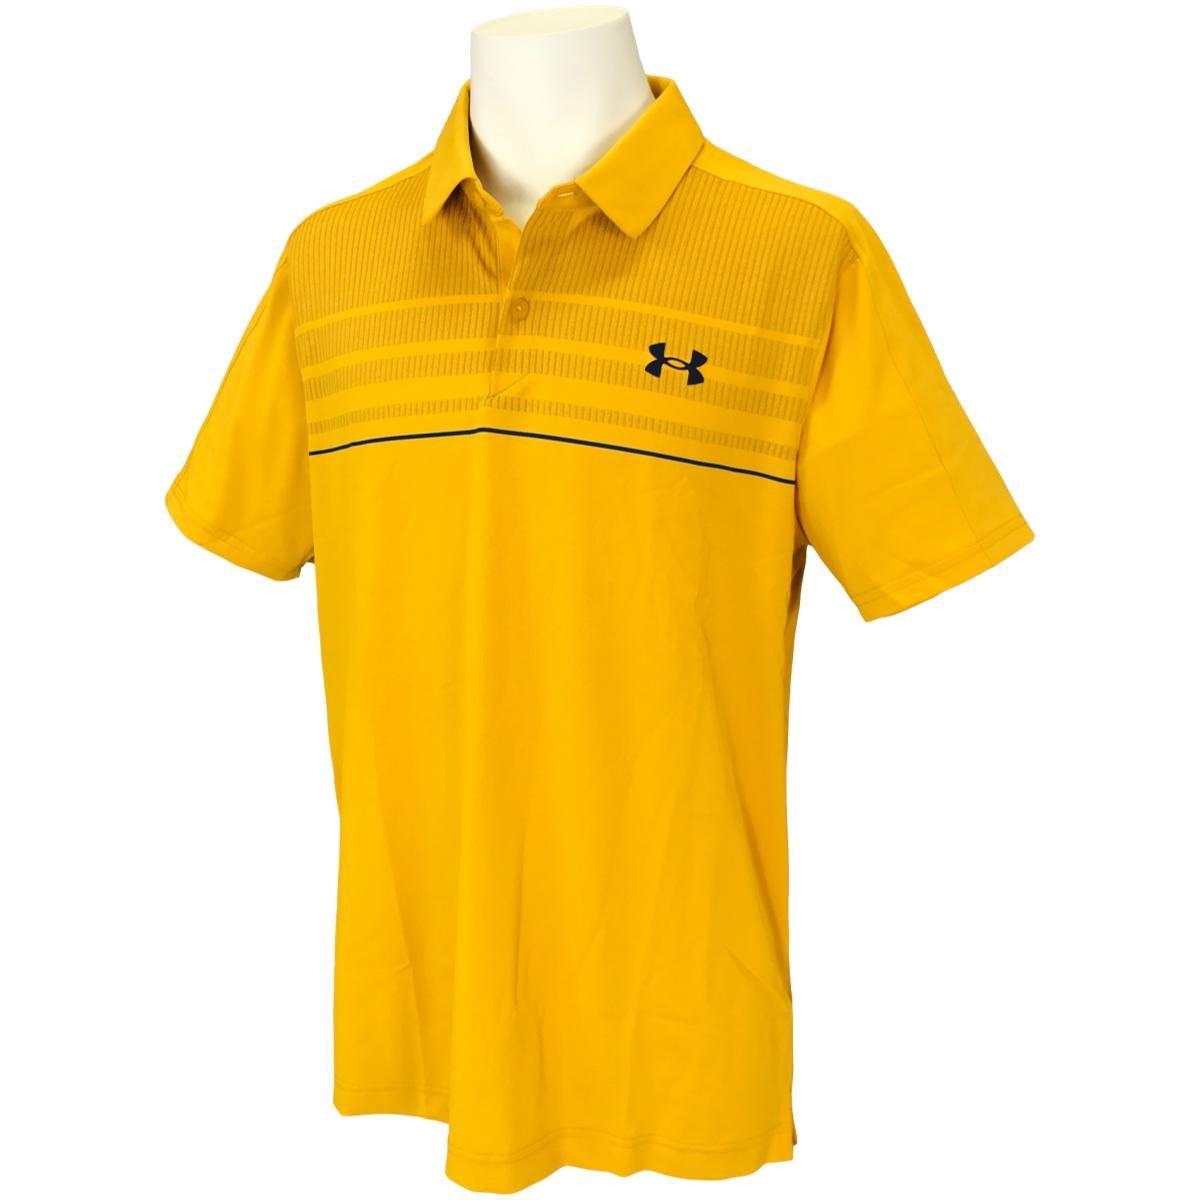 アンダーアーマー(UNDER ARMOUR) UA ヴァニッシュ 1アップ 半袖ポロシャツ